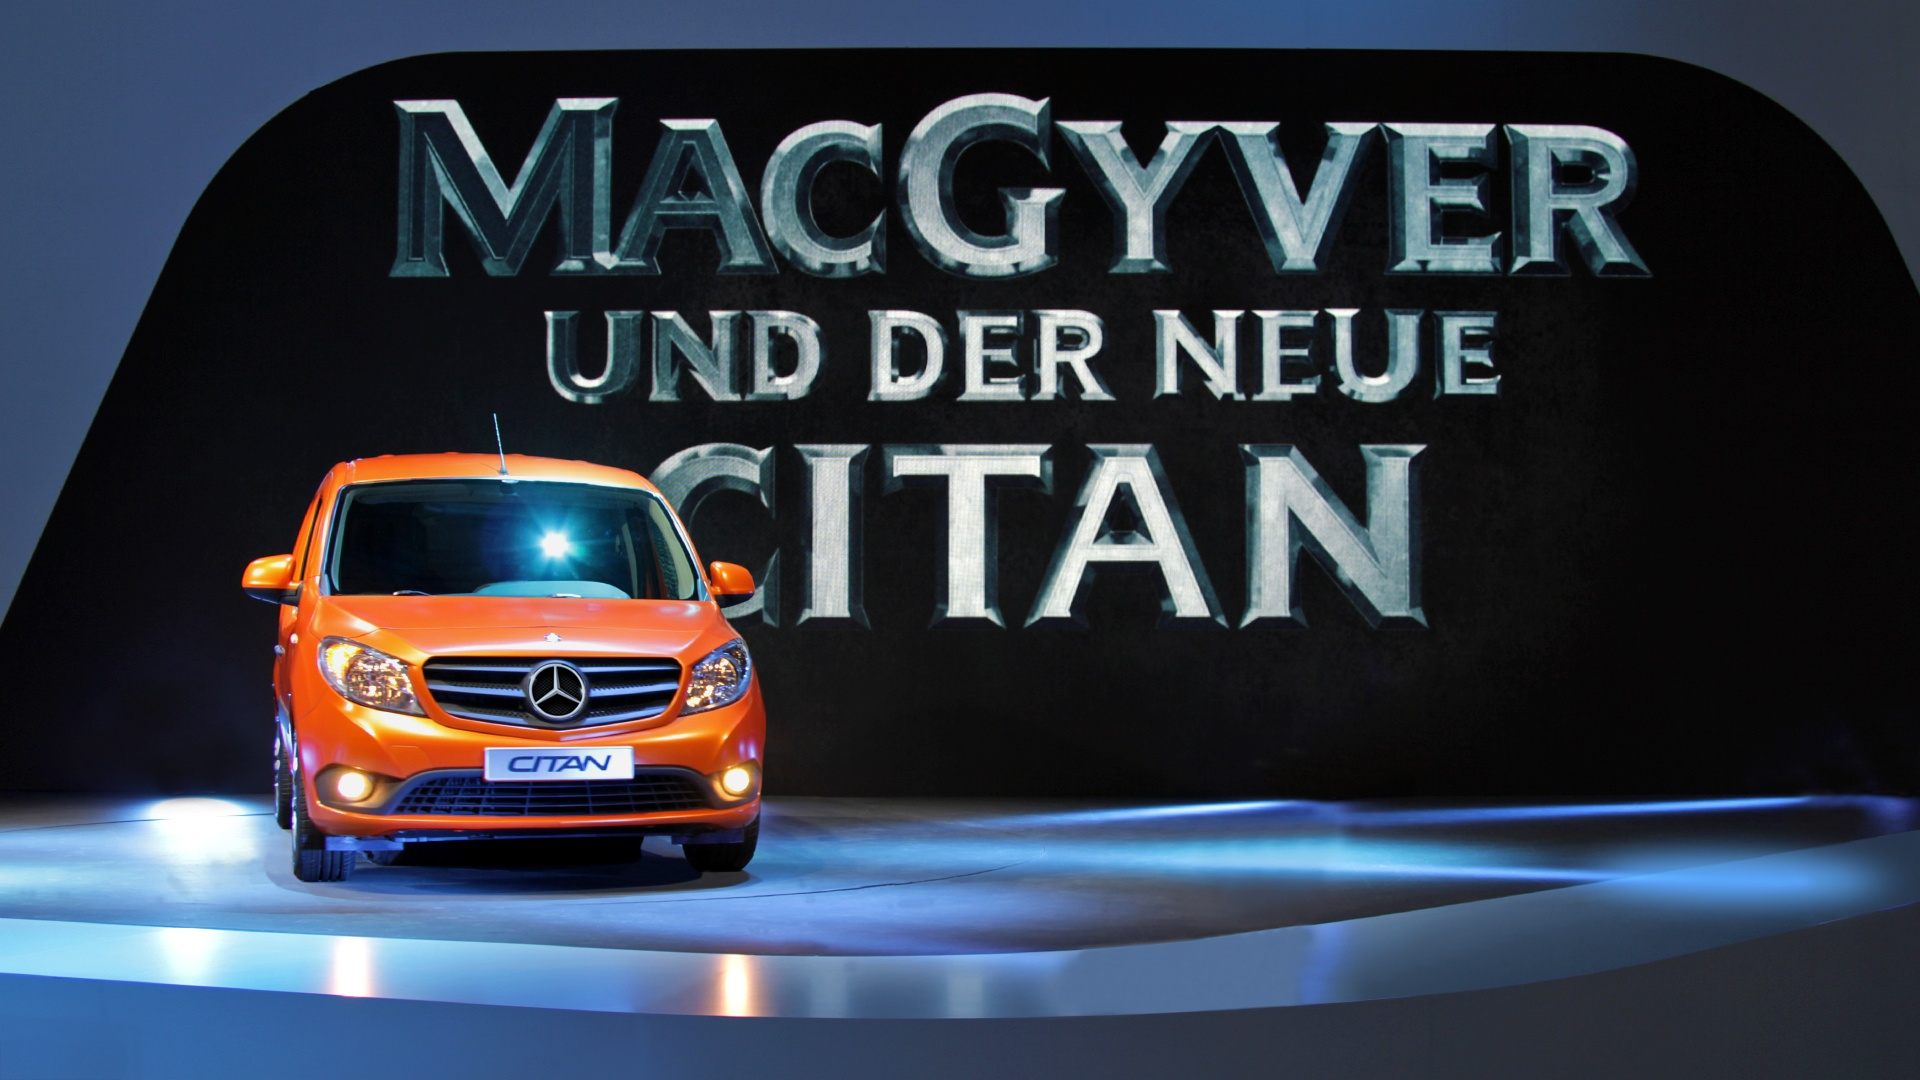 Daimler Citan MacGyver